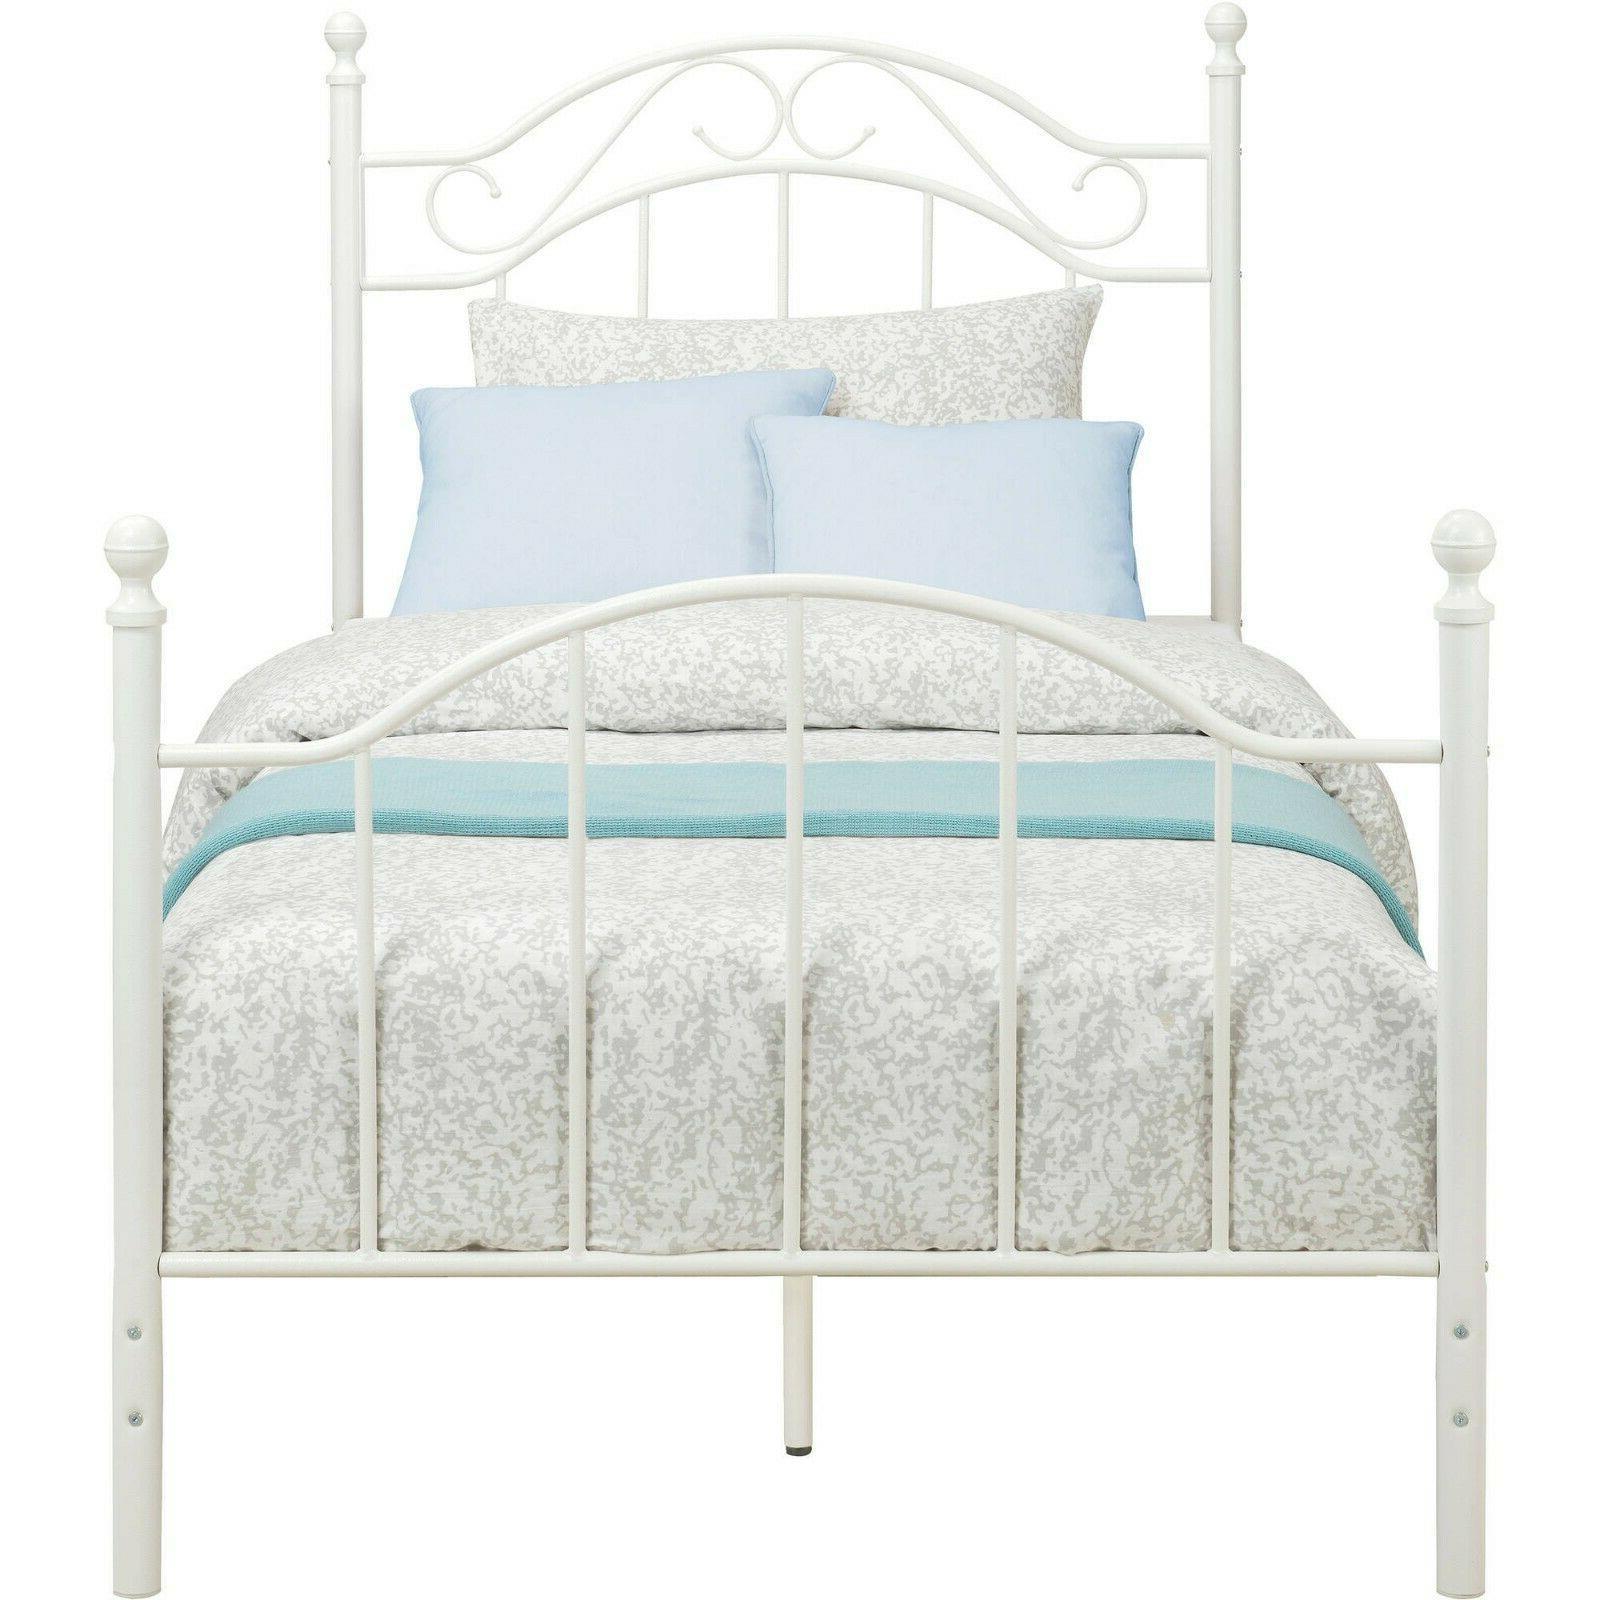 Girl For Kids Bedroom Furniture